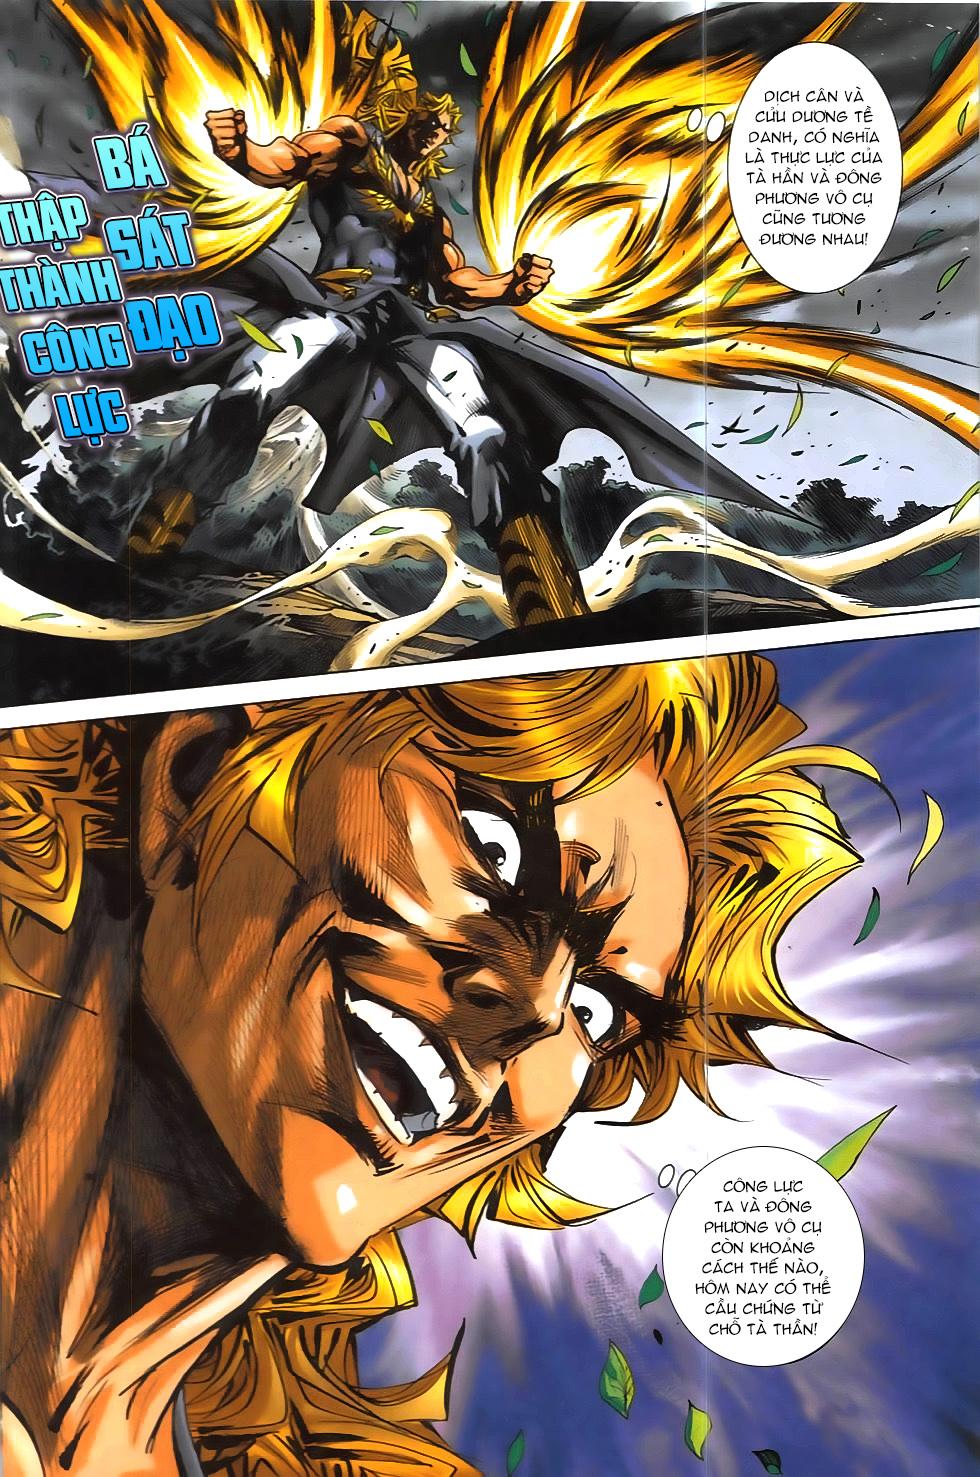 Hoàng Giả Chi Lộ chap 12.2 Trang 16 - Mangak.info